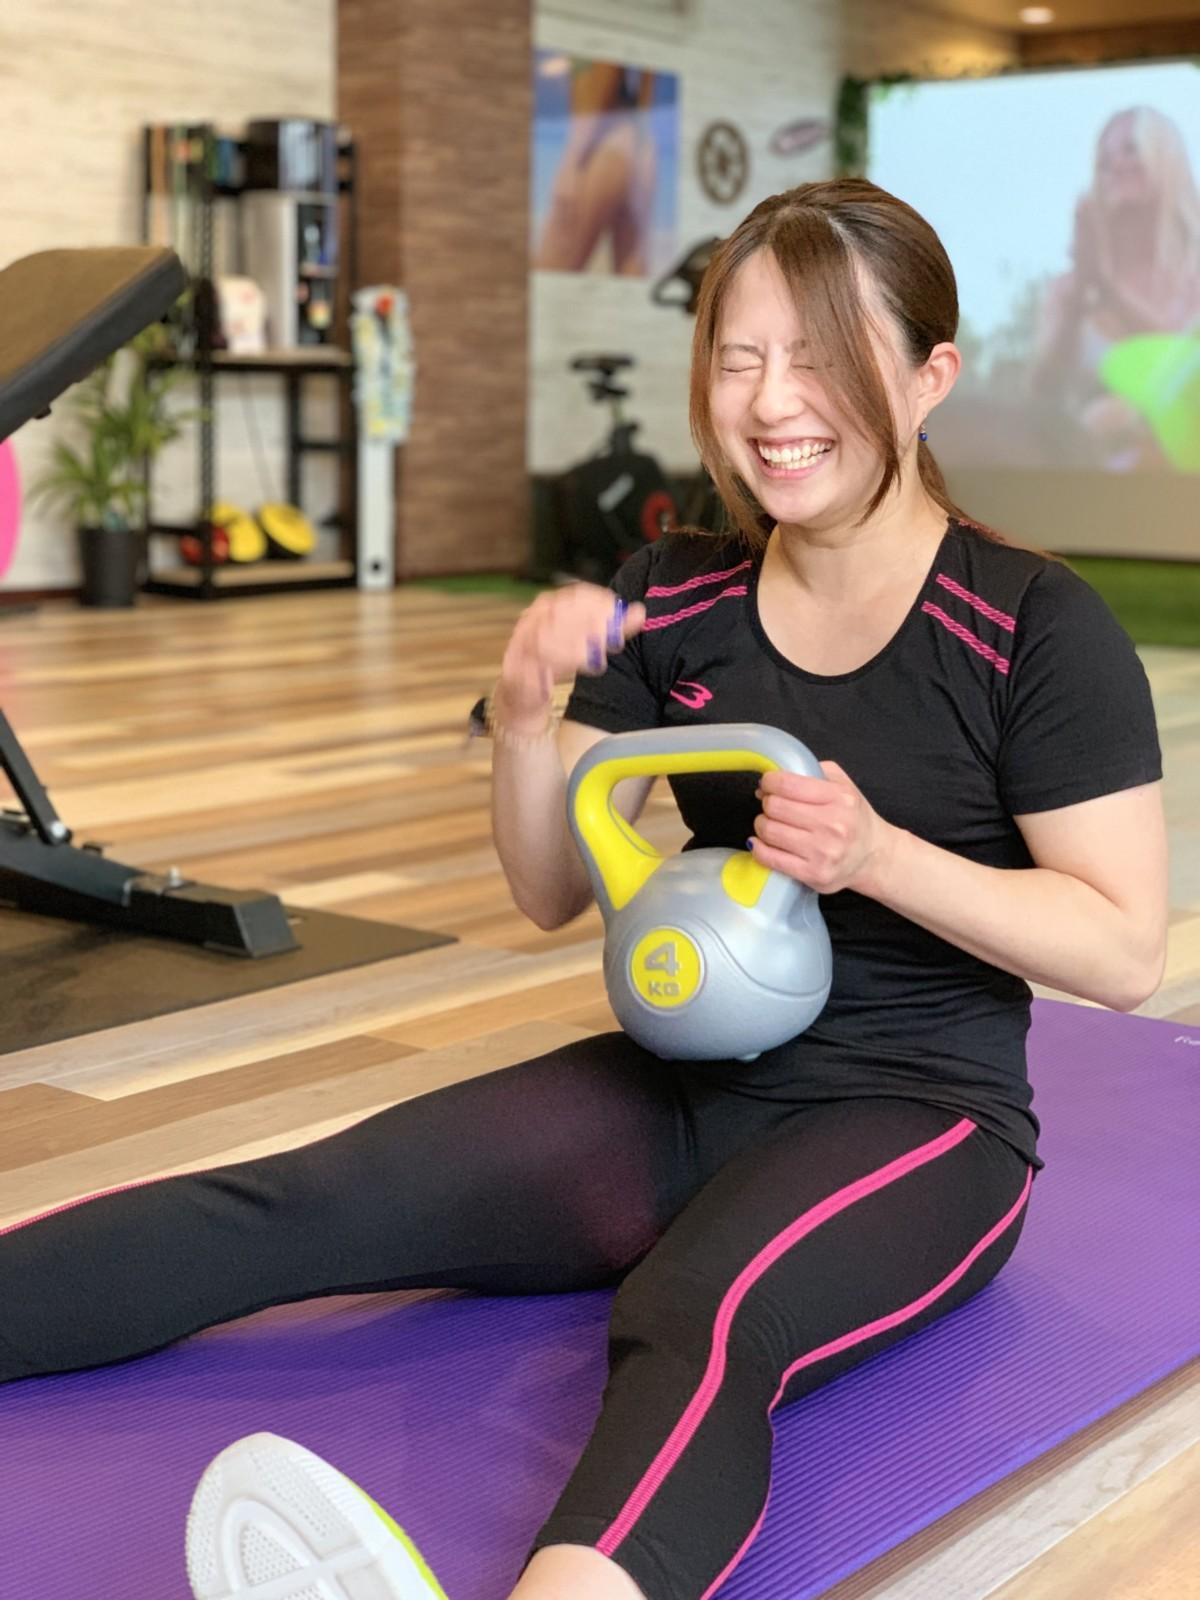 天白区パーソナルジム平針でお客様が笑顔でトレーニングしている写真